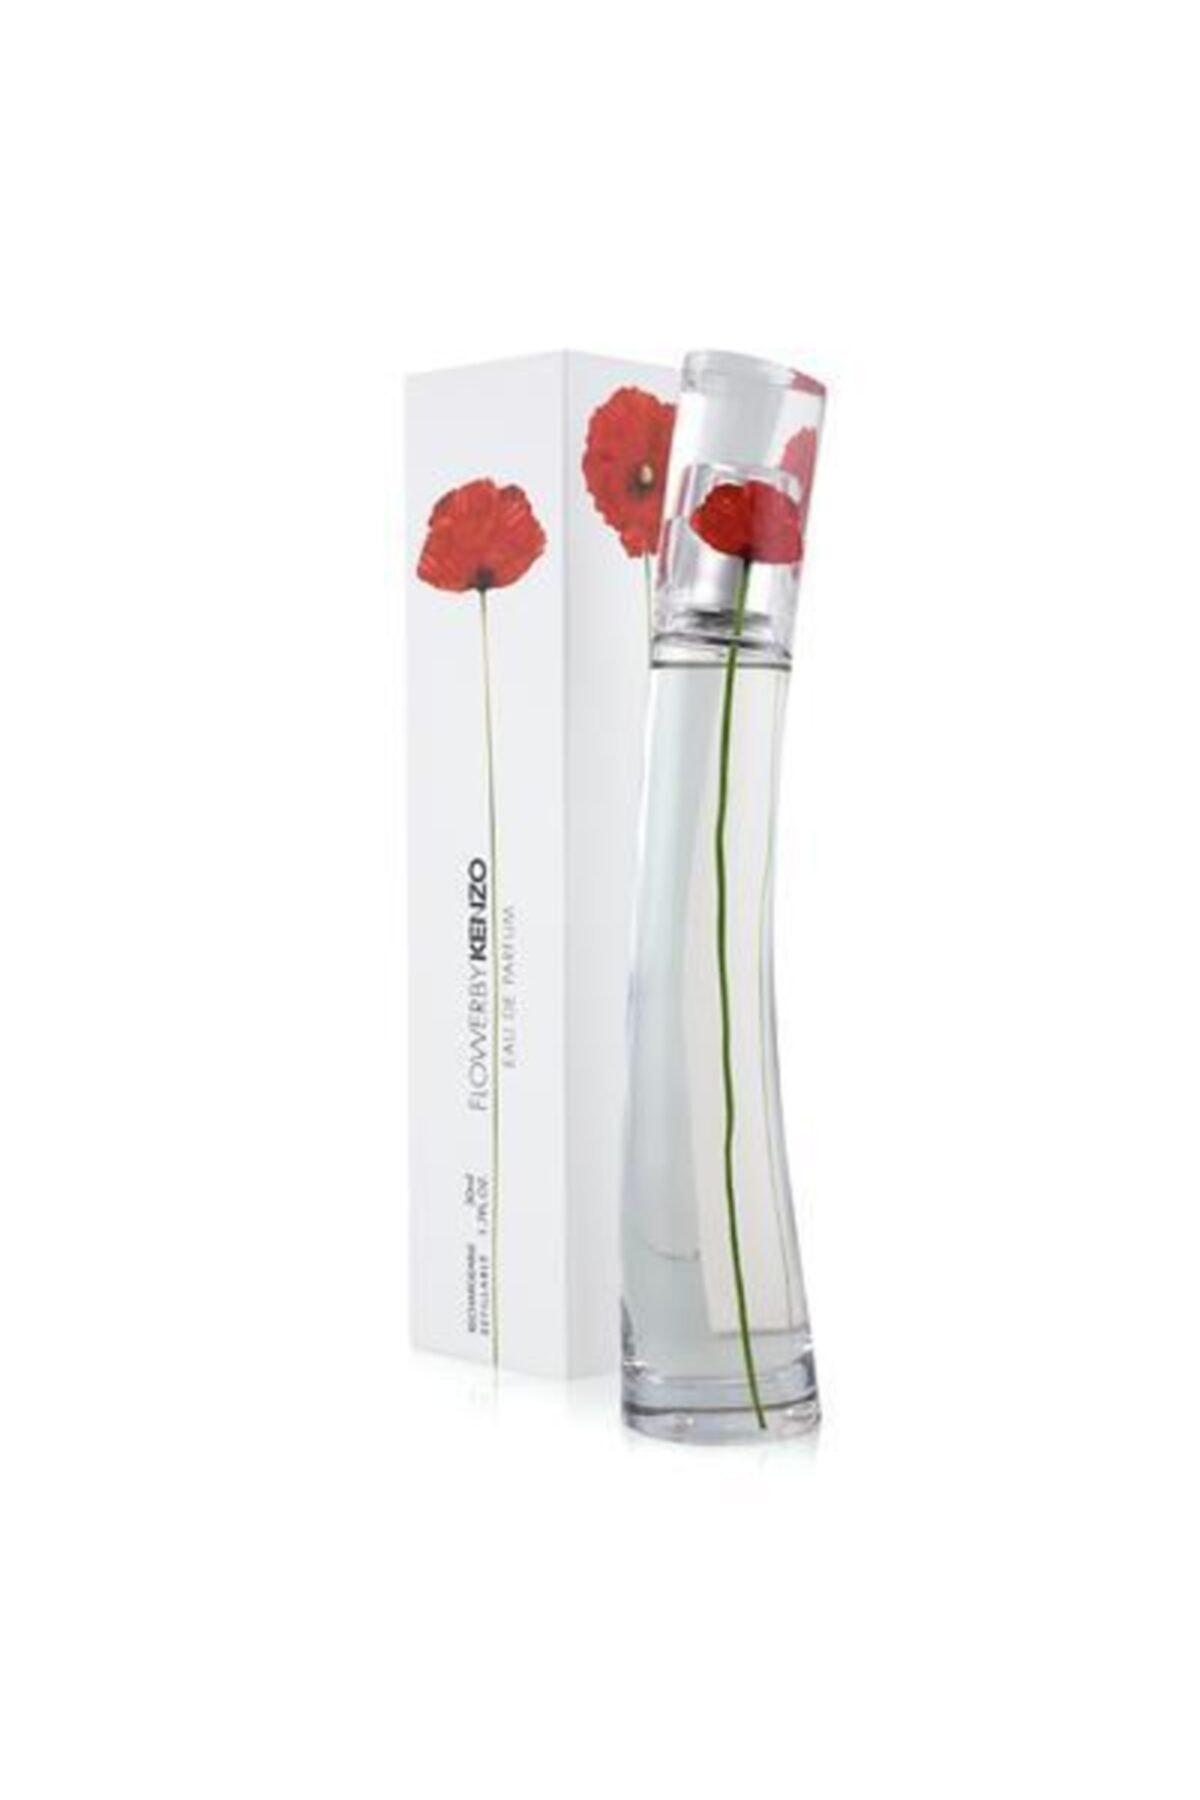 Kenzo Flower Edp 50 ml Kadın Parfüm 3352818517803 1